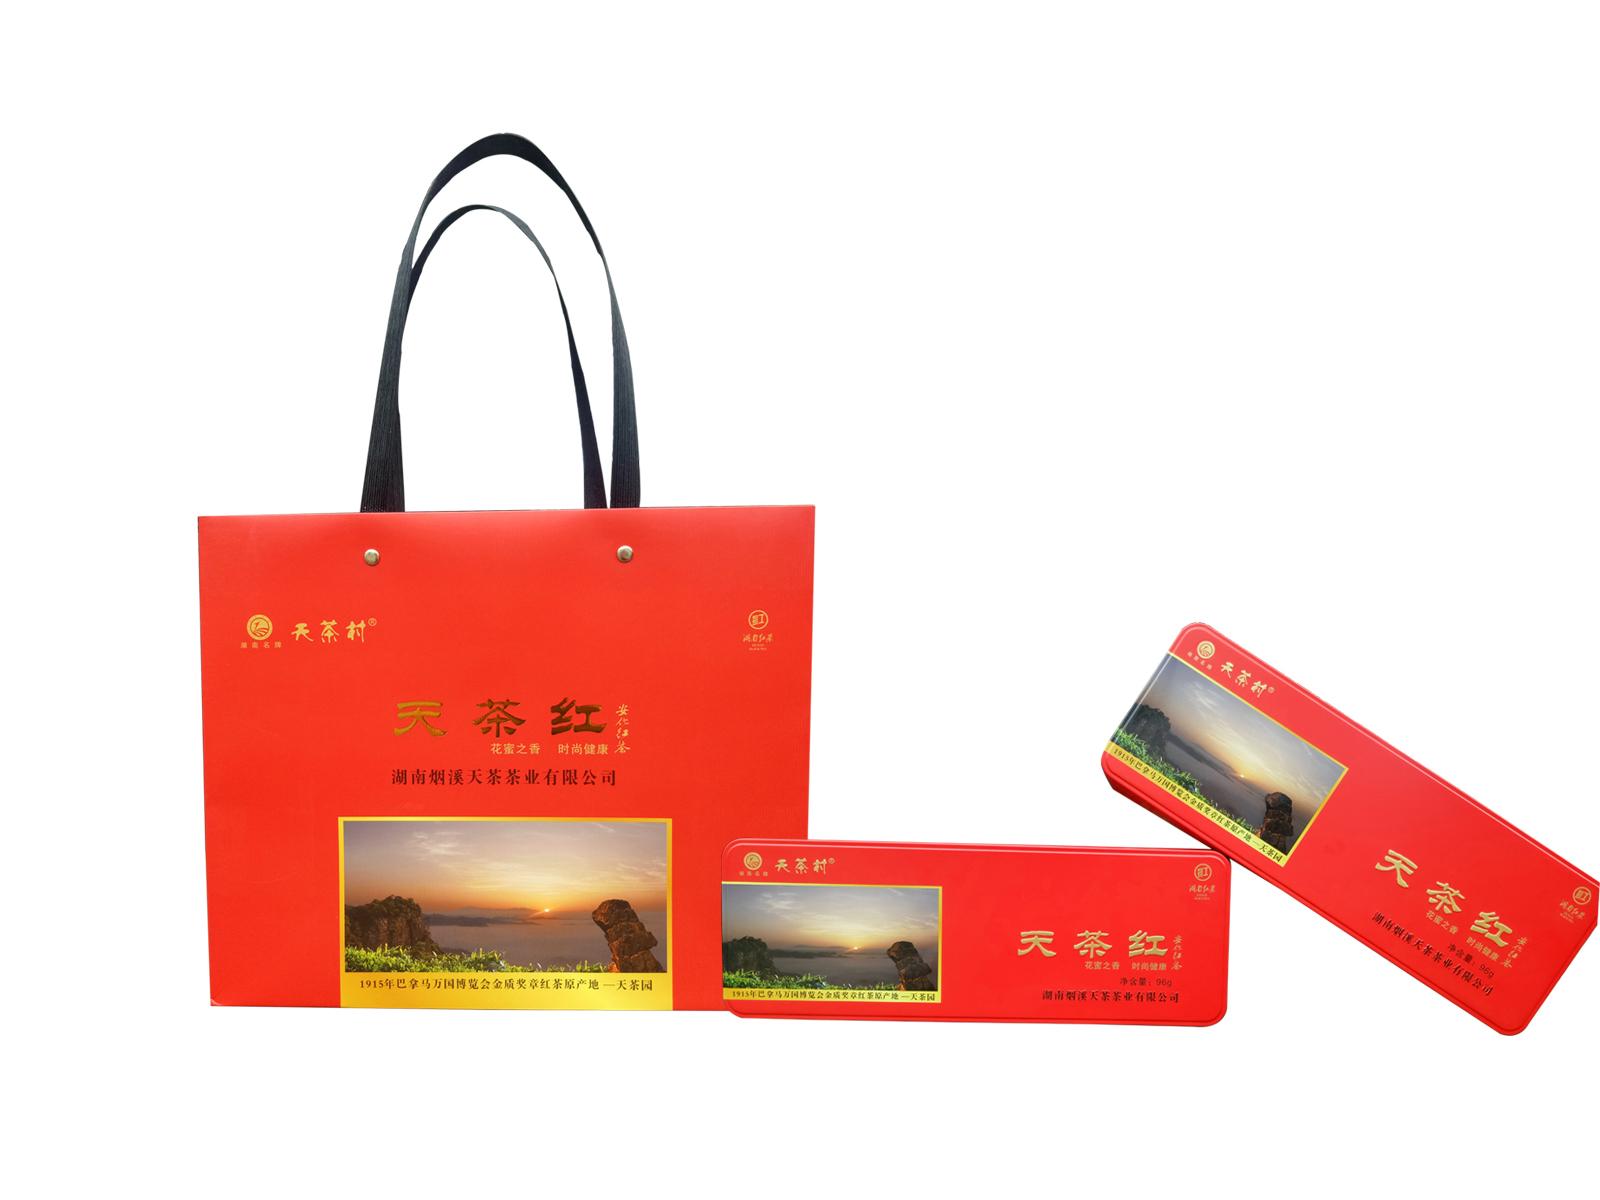 天茶红普装(二级,2018年,礼盒装,96g/条(每条4g*24包)